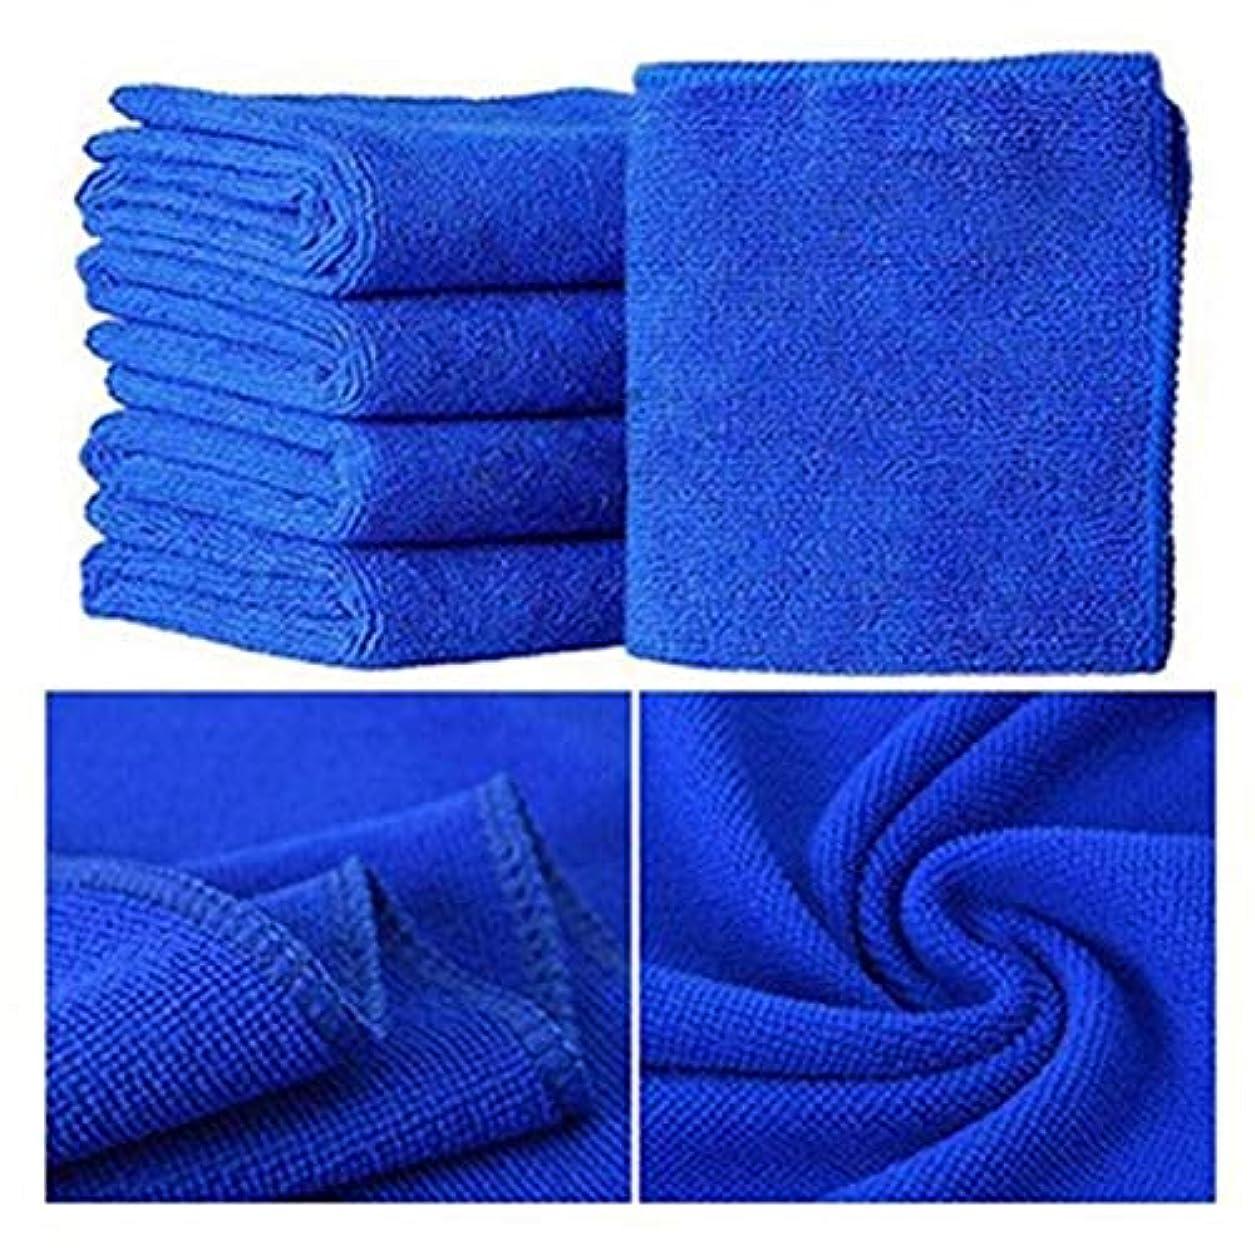 承知しました生命体抜け目がないMaxcrestas - 25*25cm 5 Pcs/ 10 Pcs Small Towel Soft Microfiber Towel great absorbent Towel for bathroom kitchen washing face skin body use [ Blue ]